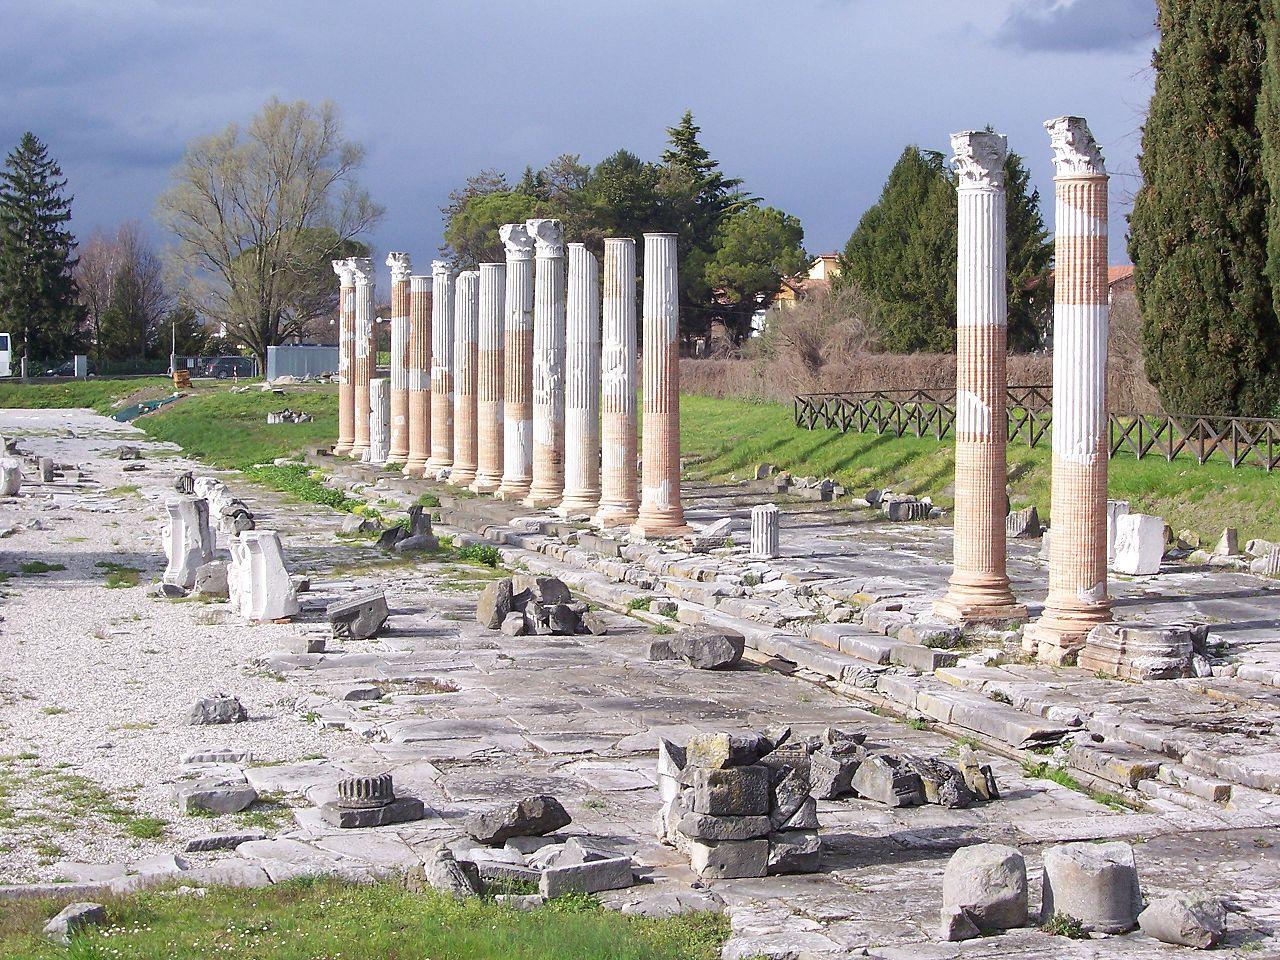 Immagine per La storia di Aquileia e delle sue invasioni, le pagine del Seicento rivivono a Cervignano